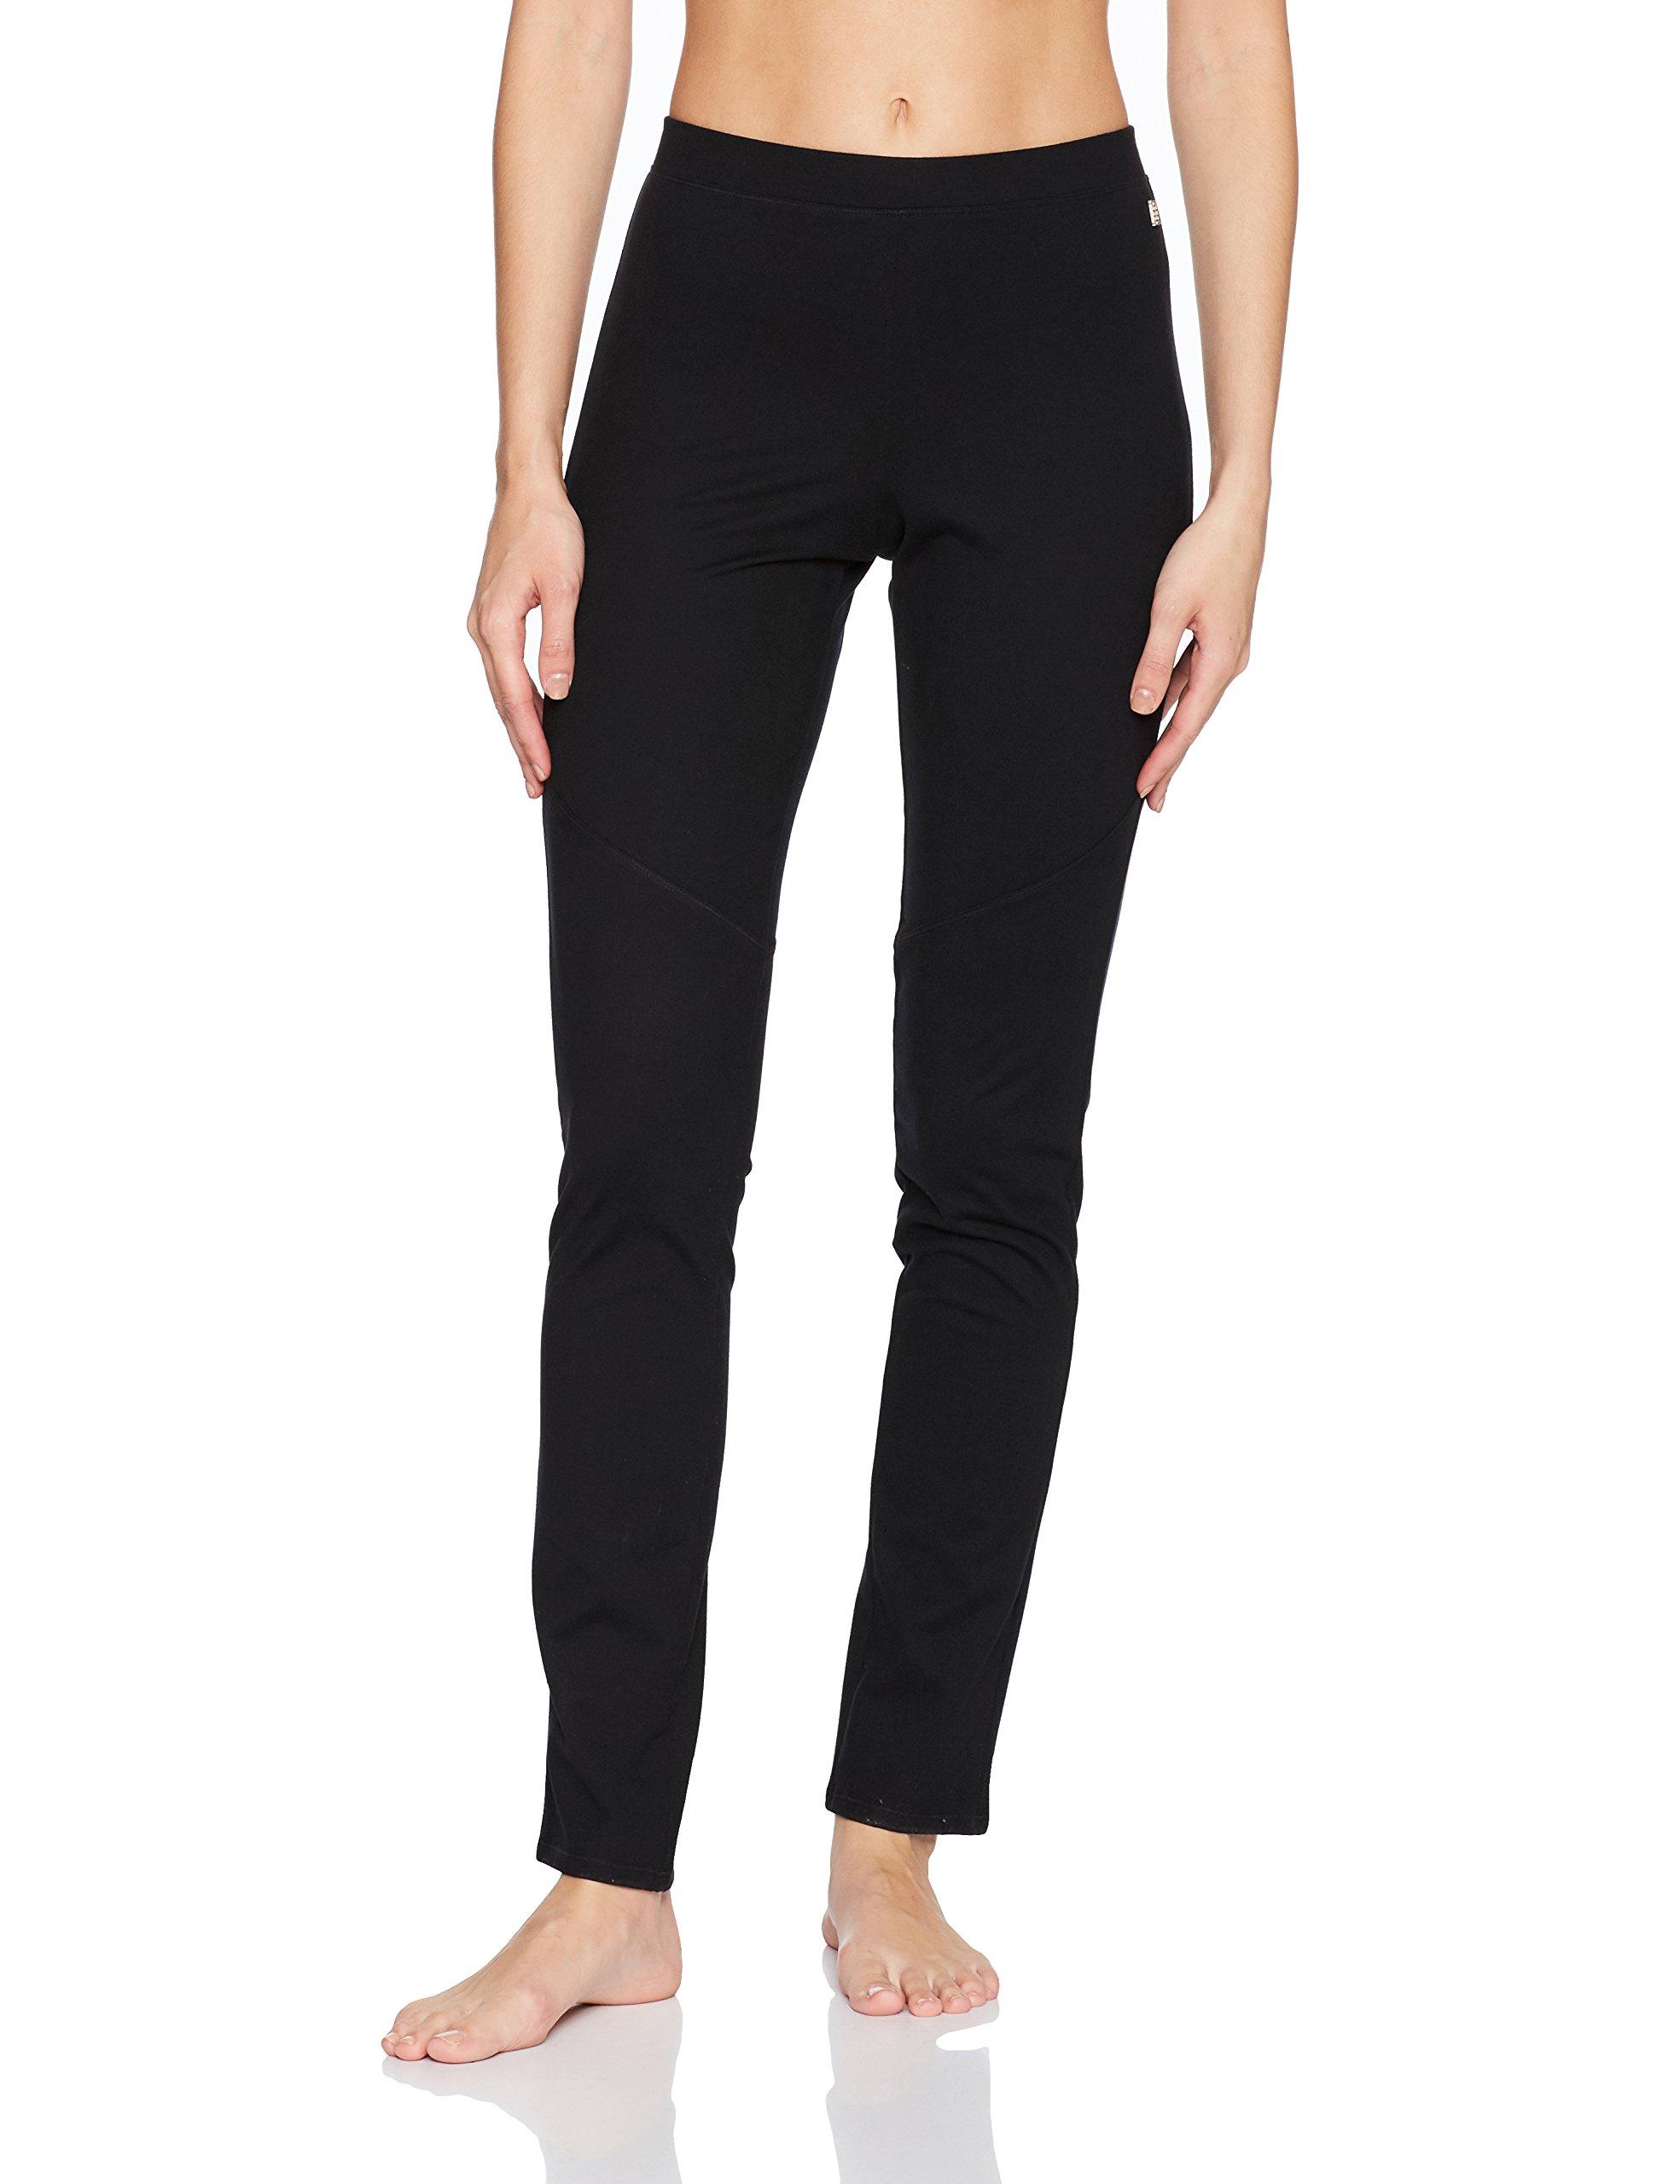 Natori Women's Power Fit Pant, Black, Large